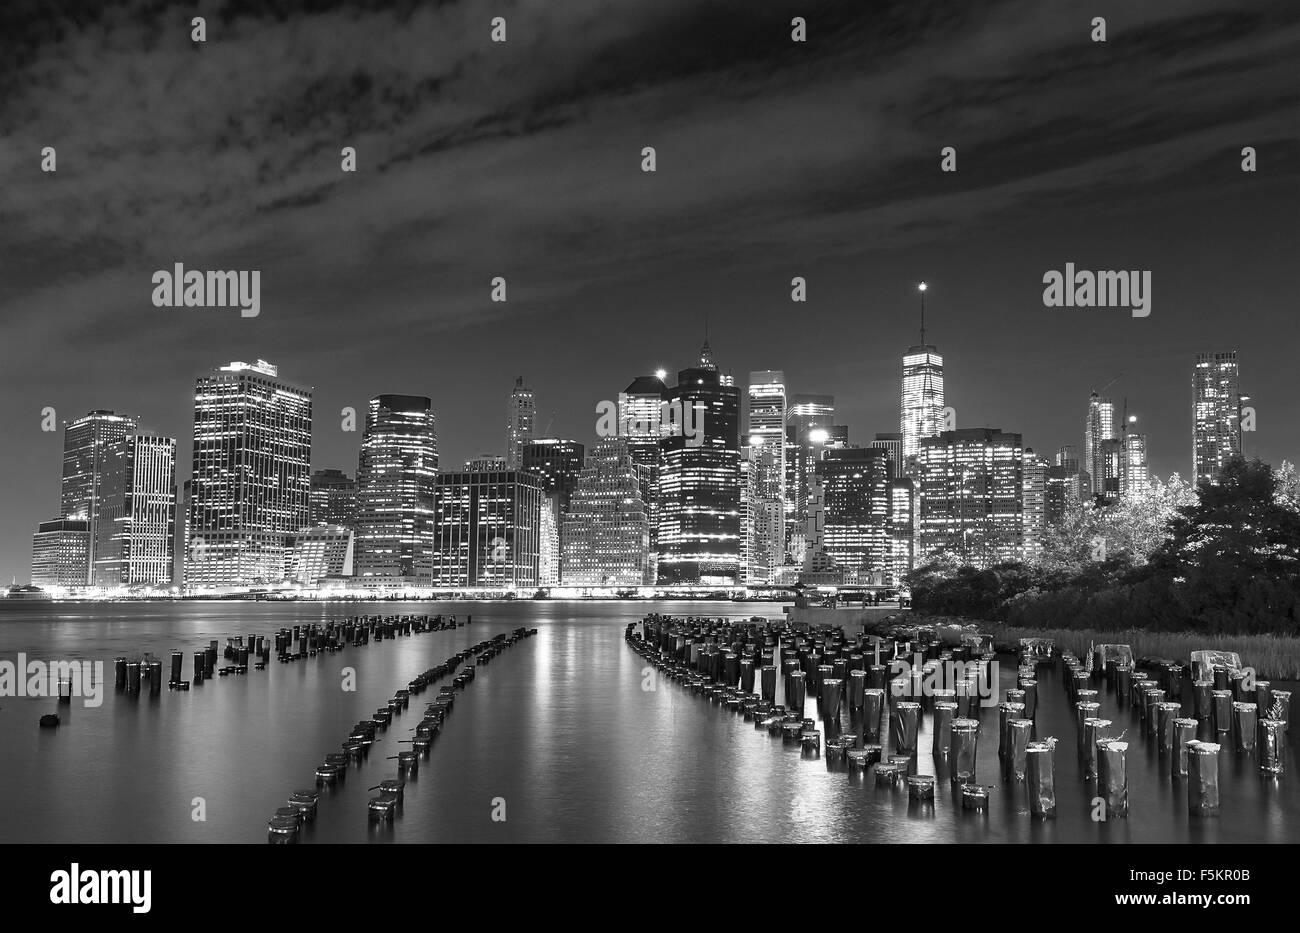 Fotografía en blanco y negro de Manhattan waterfront en la noche, la ciudad de Nueva York, EE.UU.. Imagen De Stock